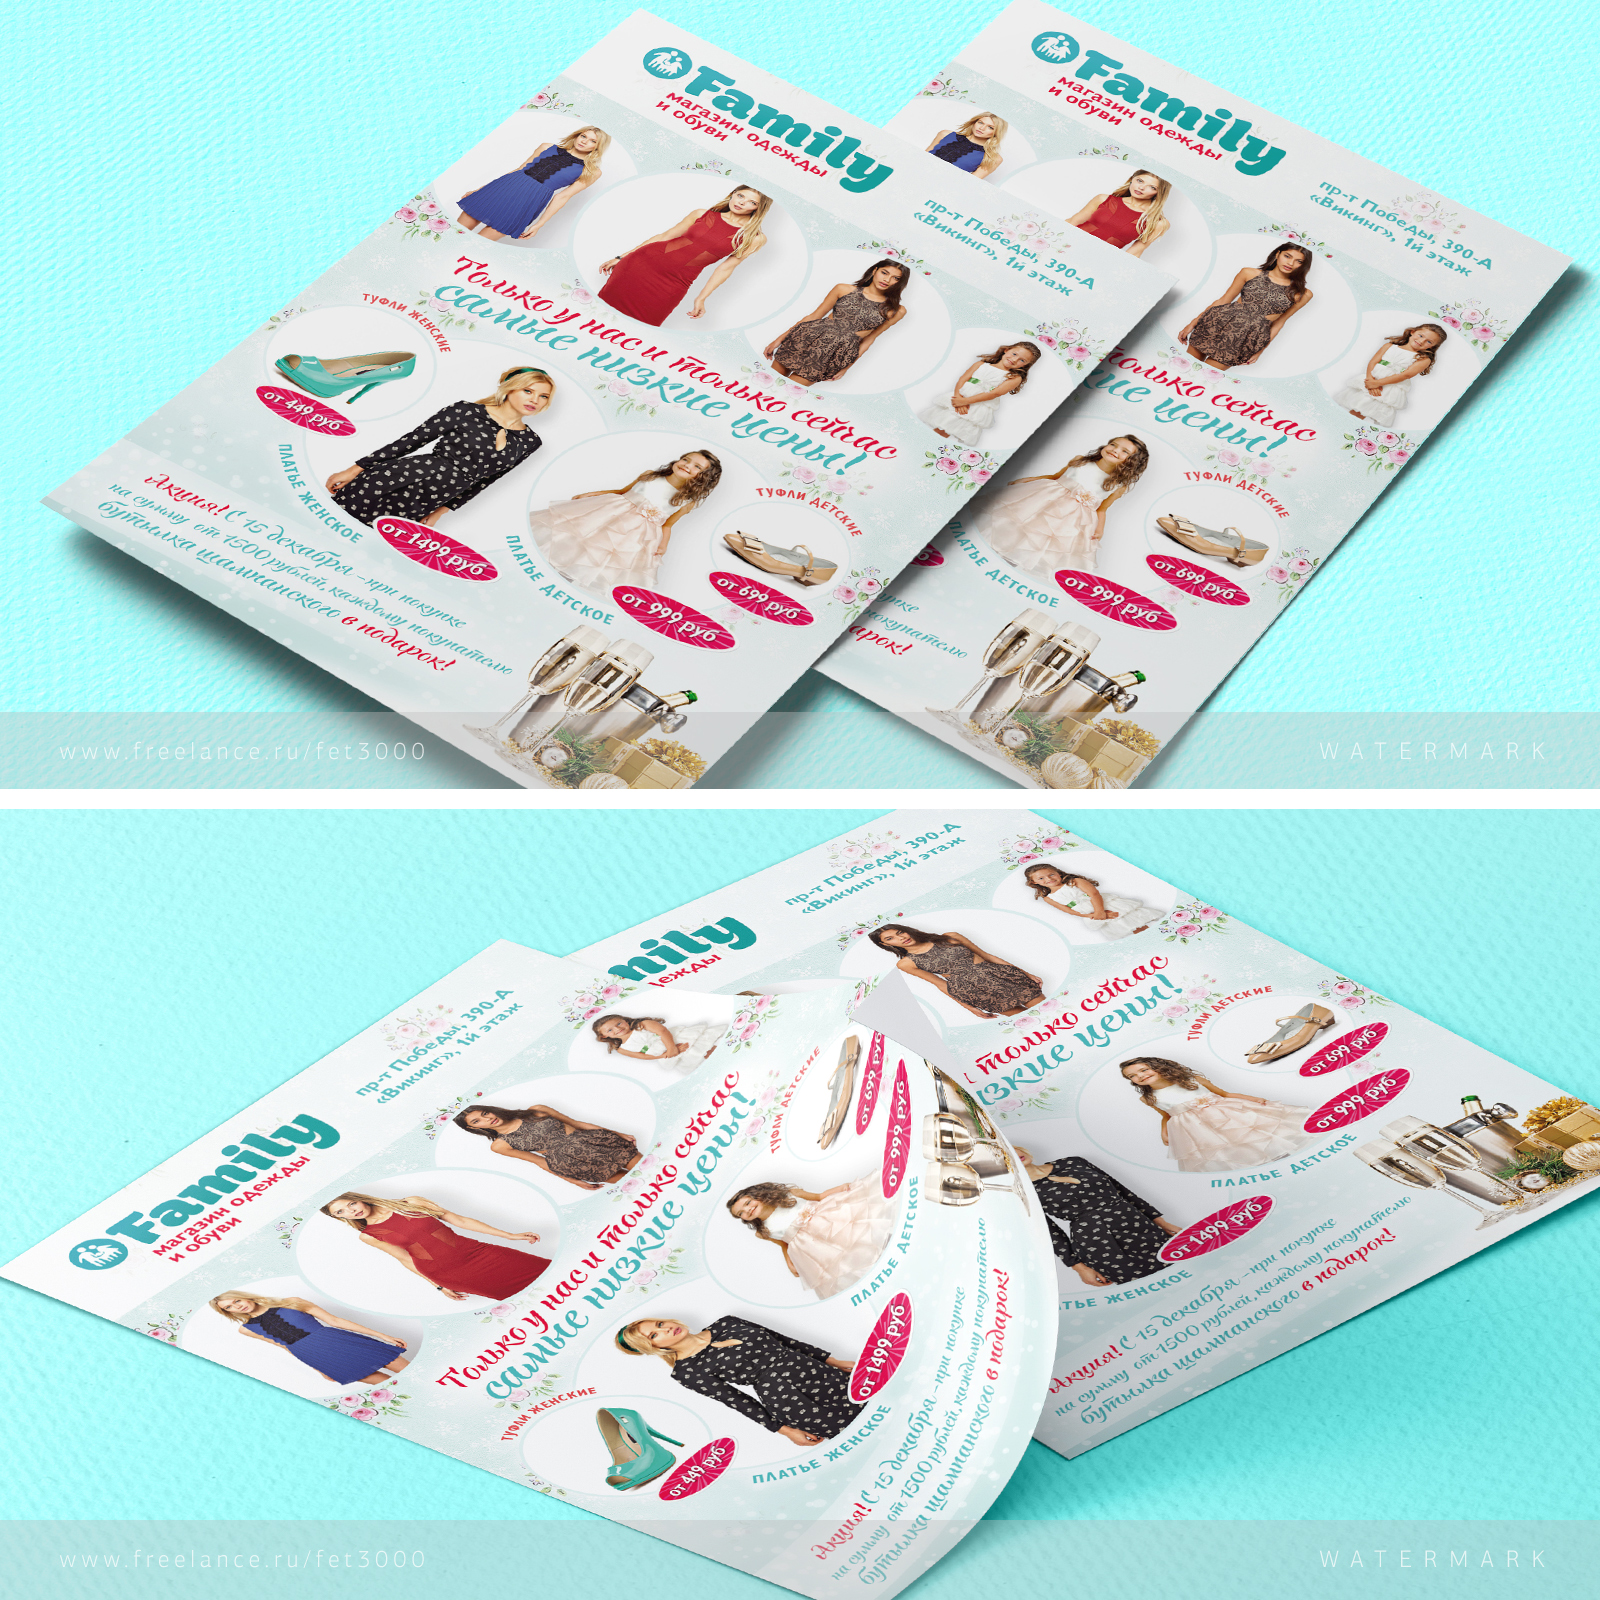 Дизайн листовки А5 для магазина одежды и обуви